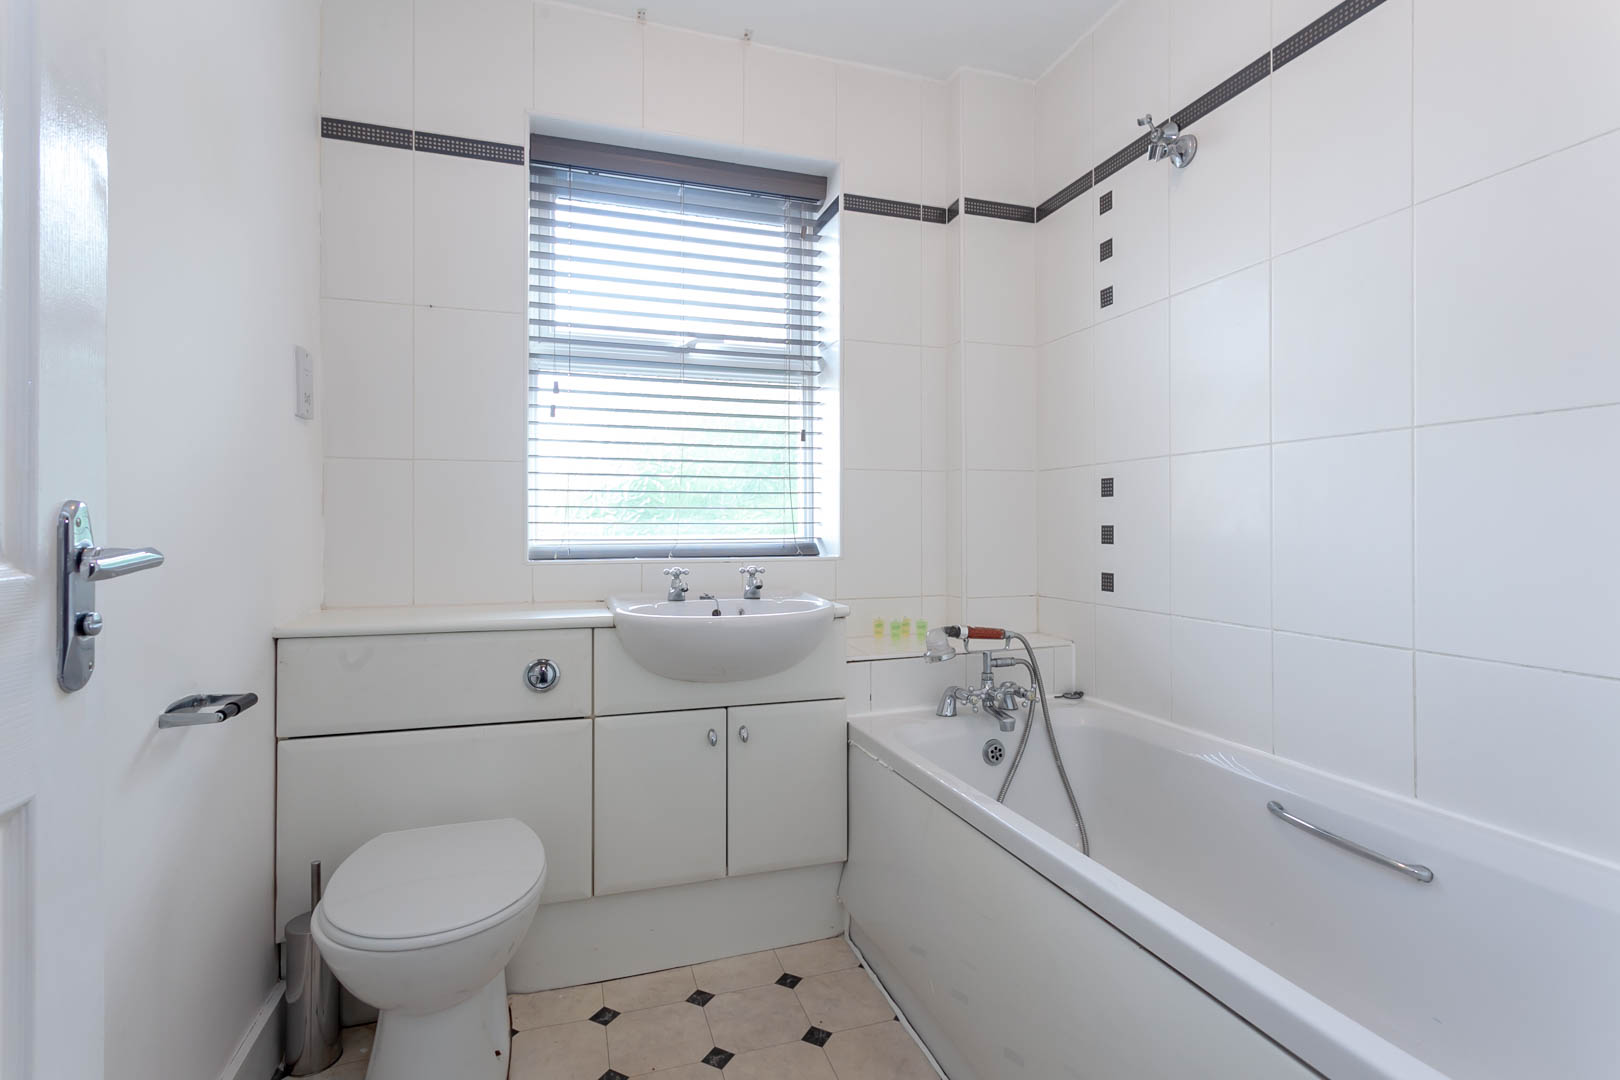 Bathroom at St Marys House, Latchford, Warrington